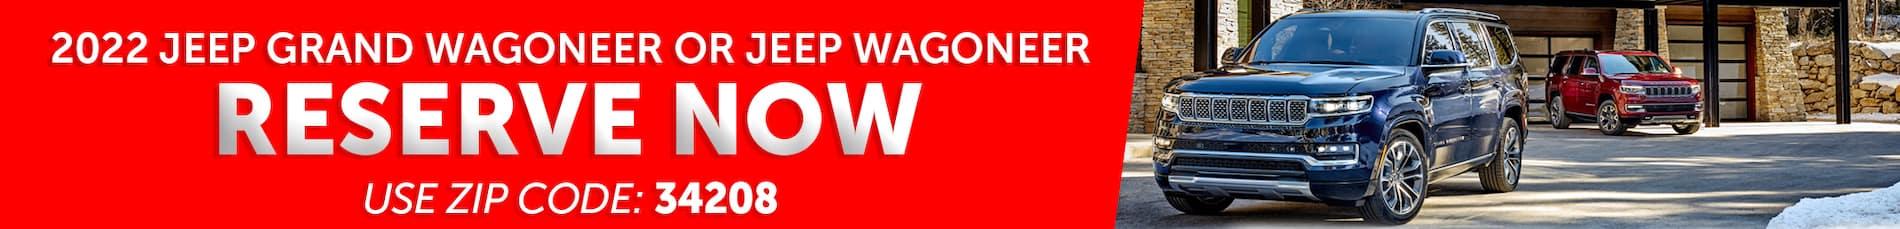 wagoneer